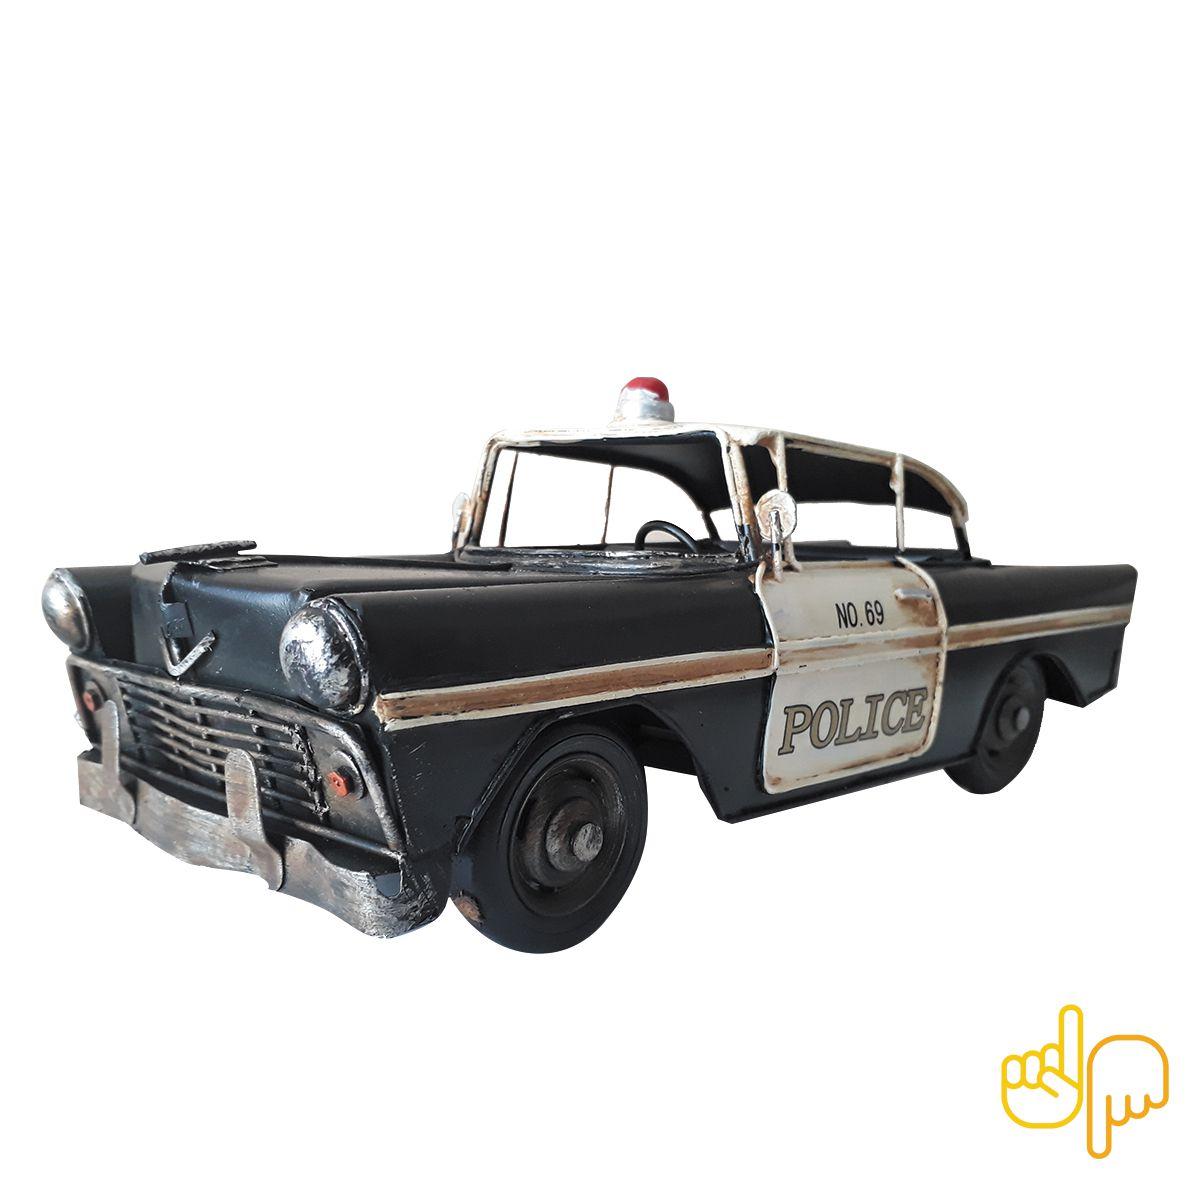 Carro de Metal Retro Cadillac Polícia Vintage Rústico 1969